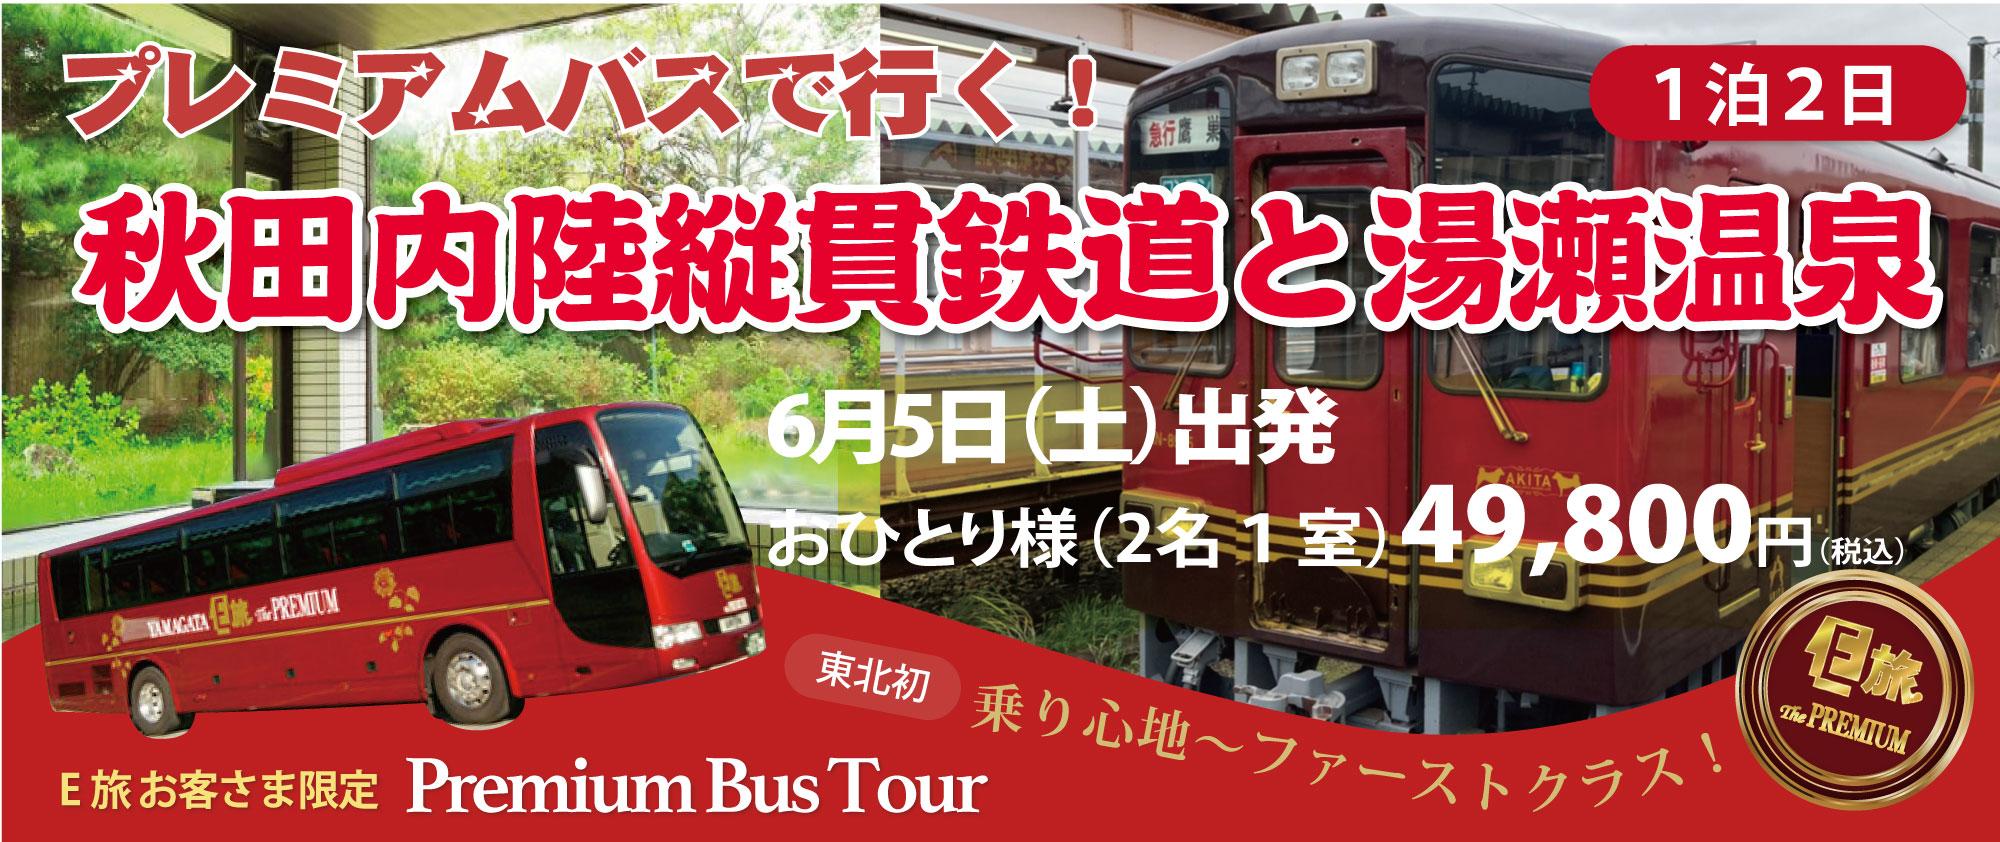 プレミアムバスで行く!秋田内陸縦貫鉄道と湯瀬温泉★